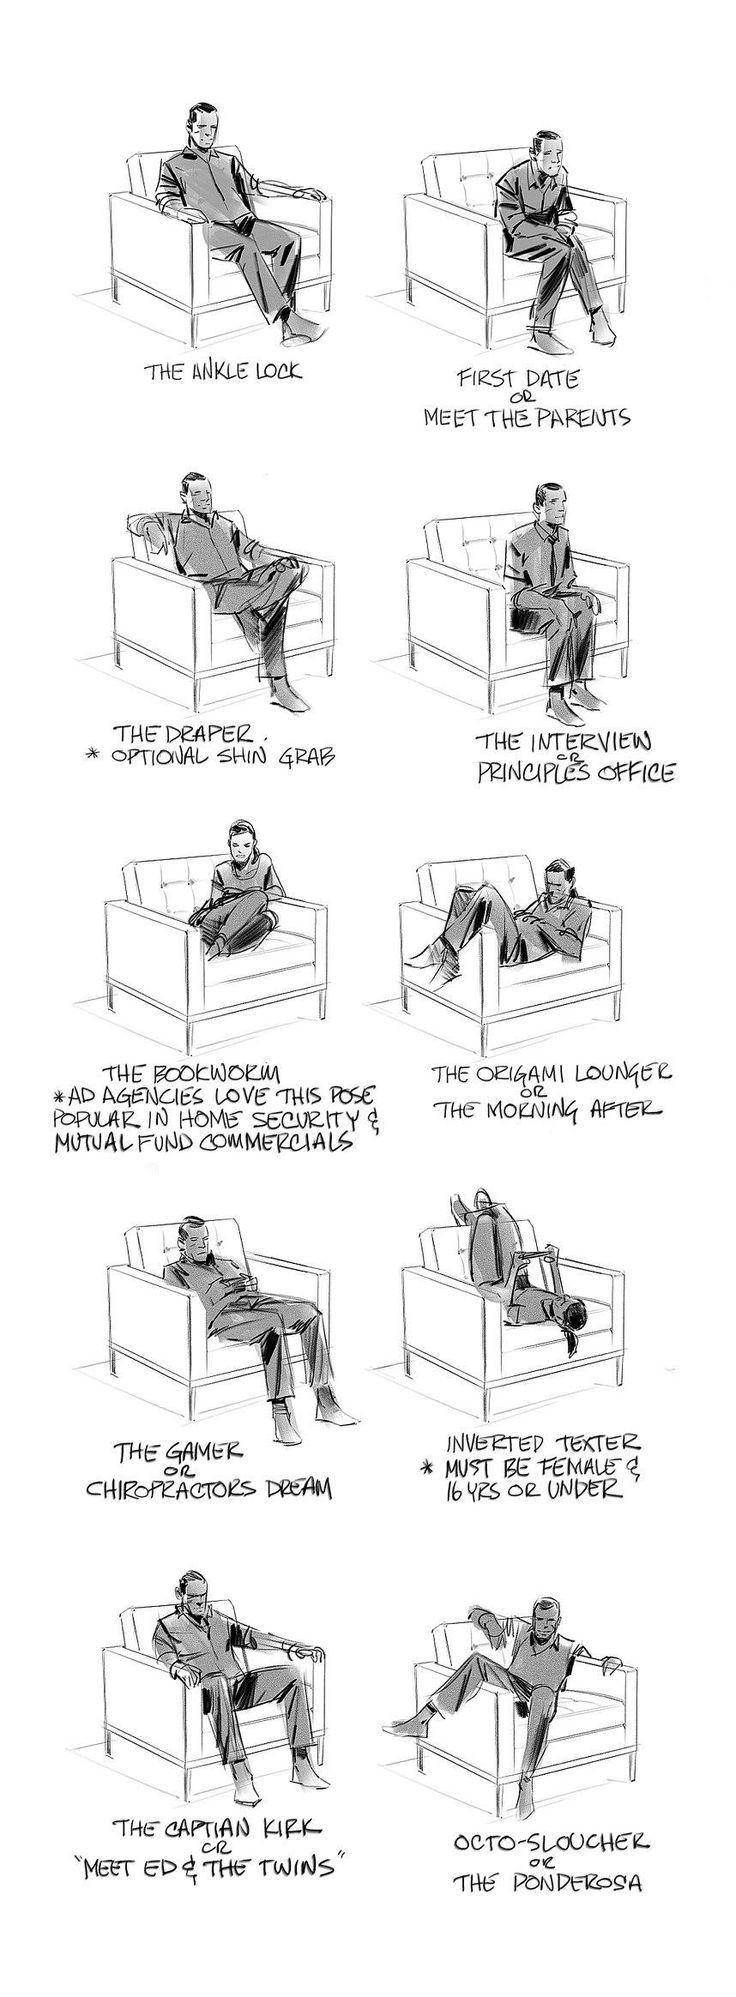 Sitting poses by Dan Milligan,